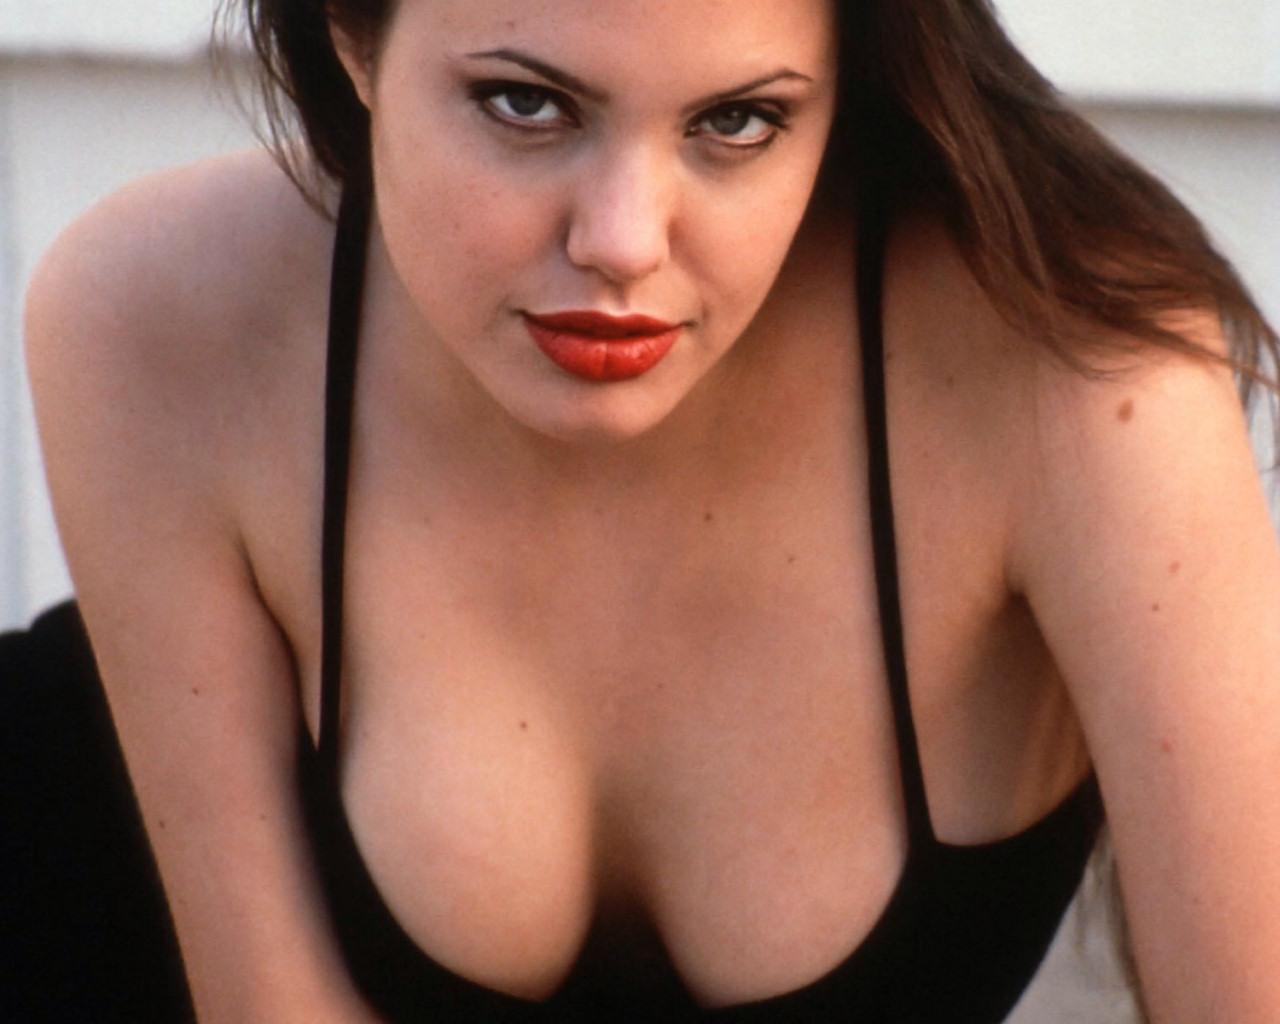 Vdeos Porno de Sexy Angelina Jolie YouPorncom